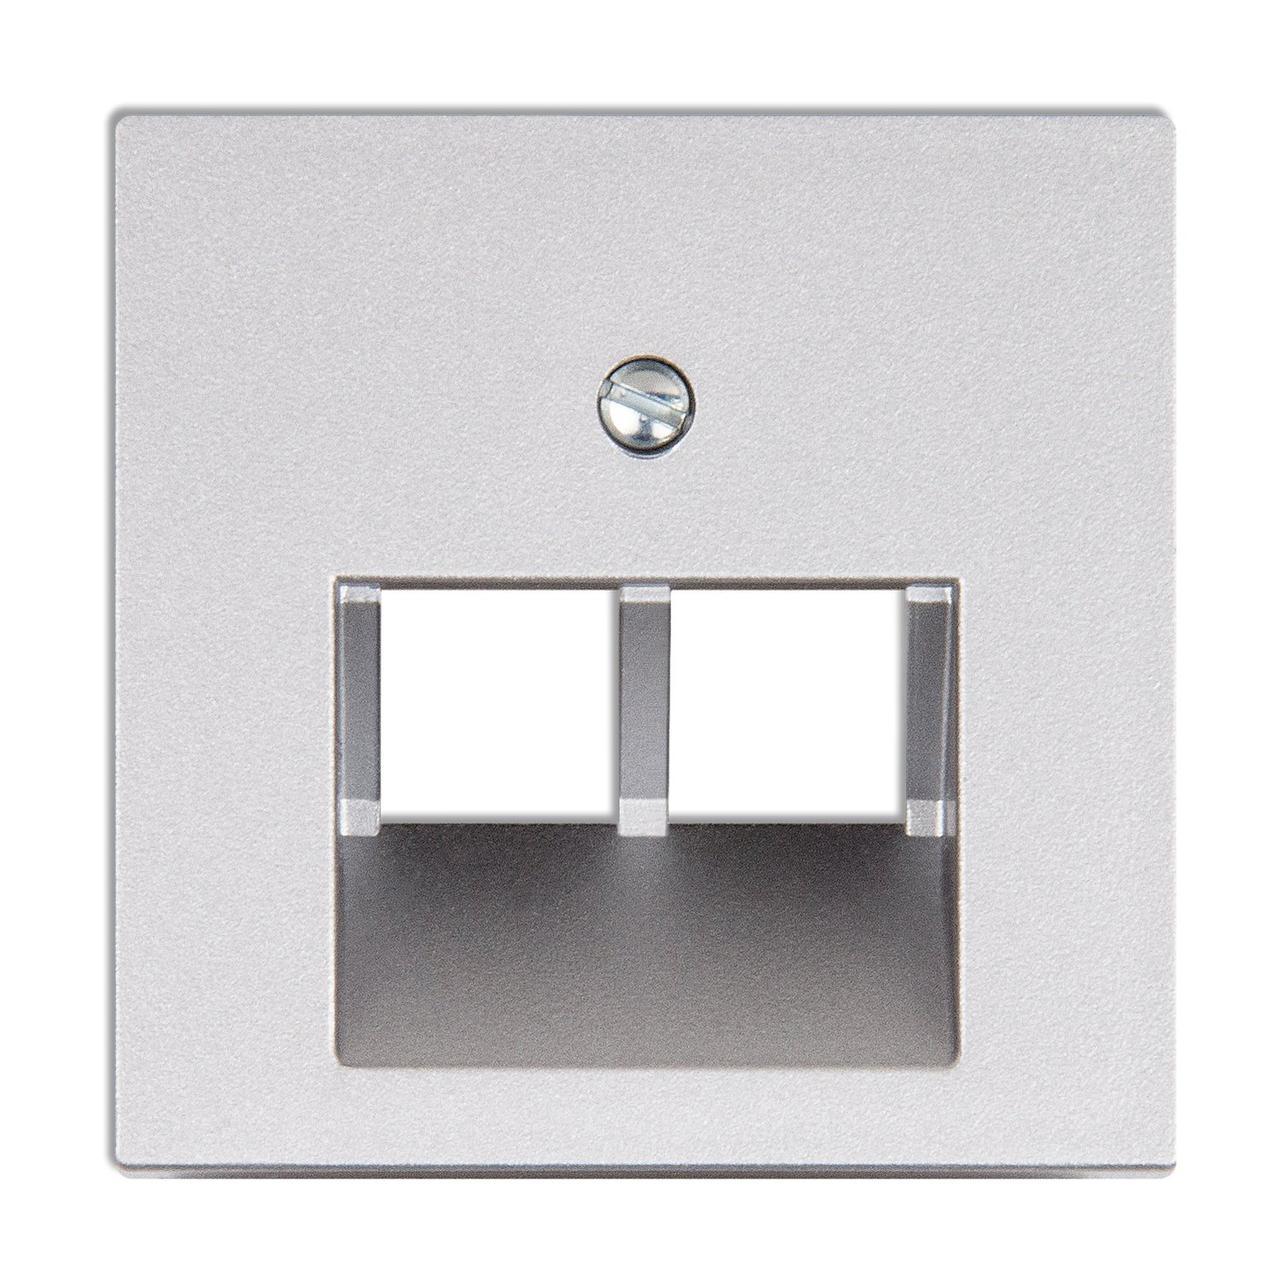 Крышка для сдвоенной телефонной или компьютерной розетки (алюминий)